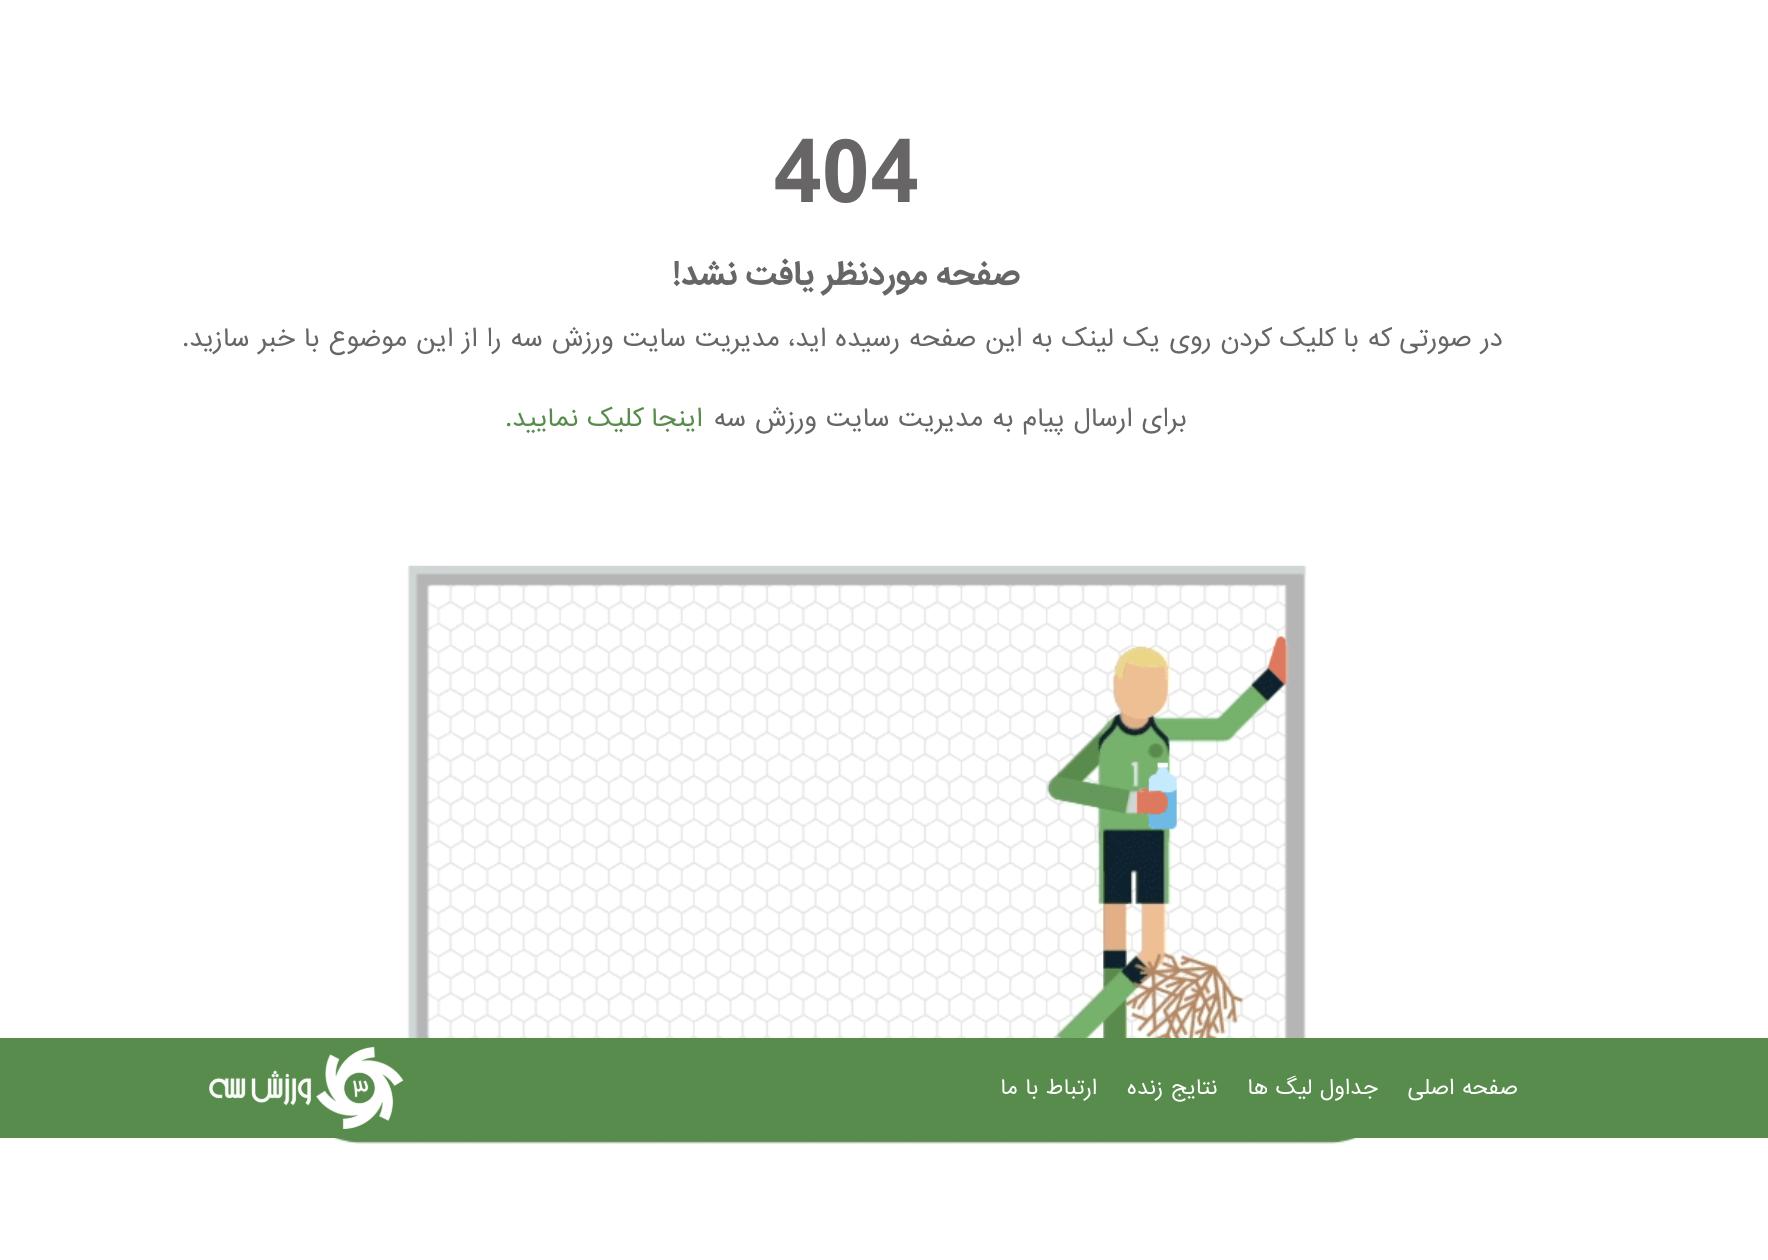 صفحه ۴۰۴ سایت ورزش سه